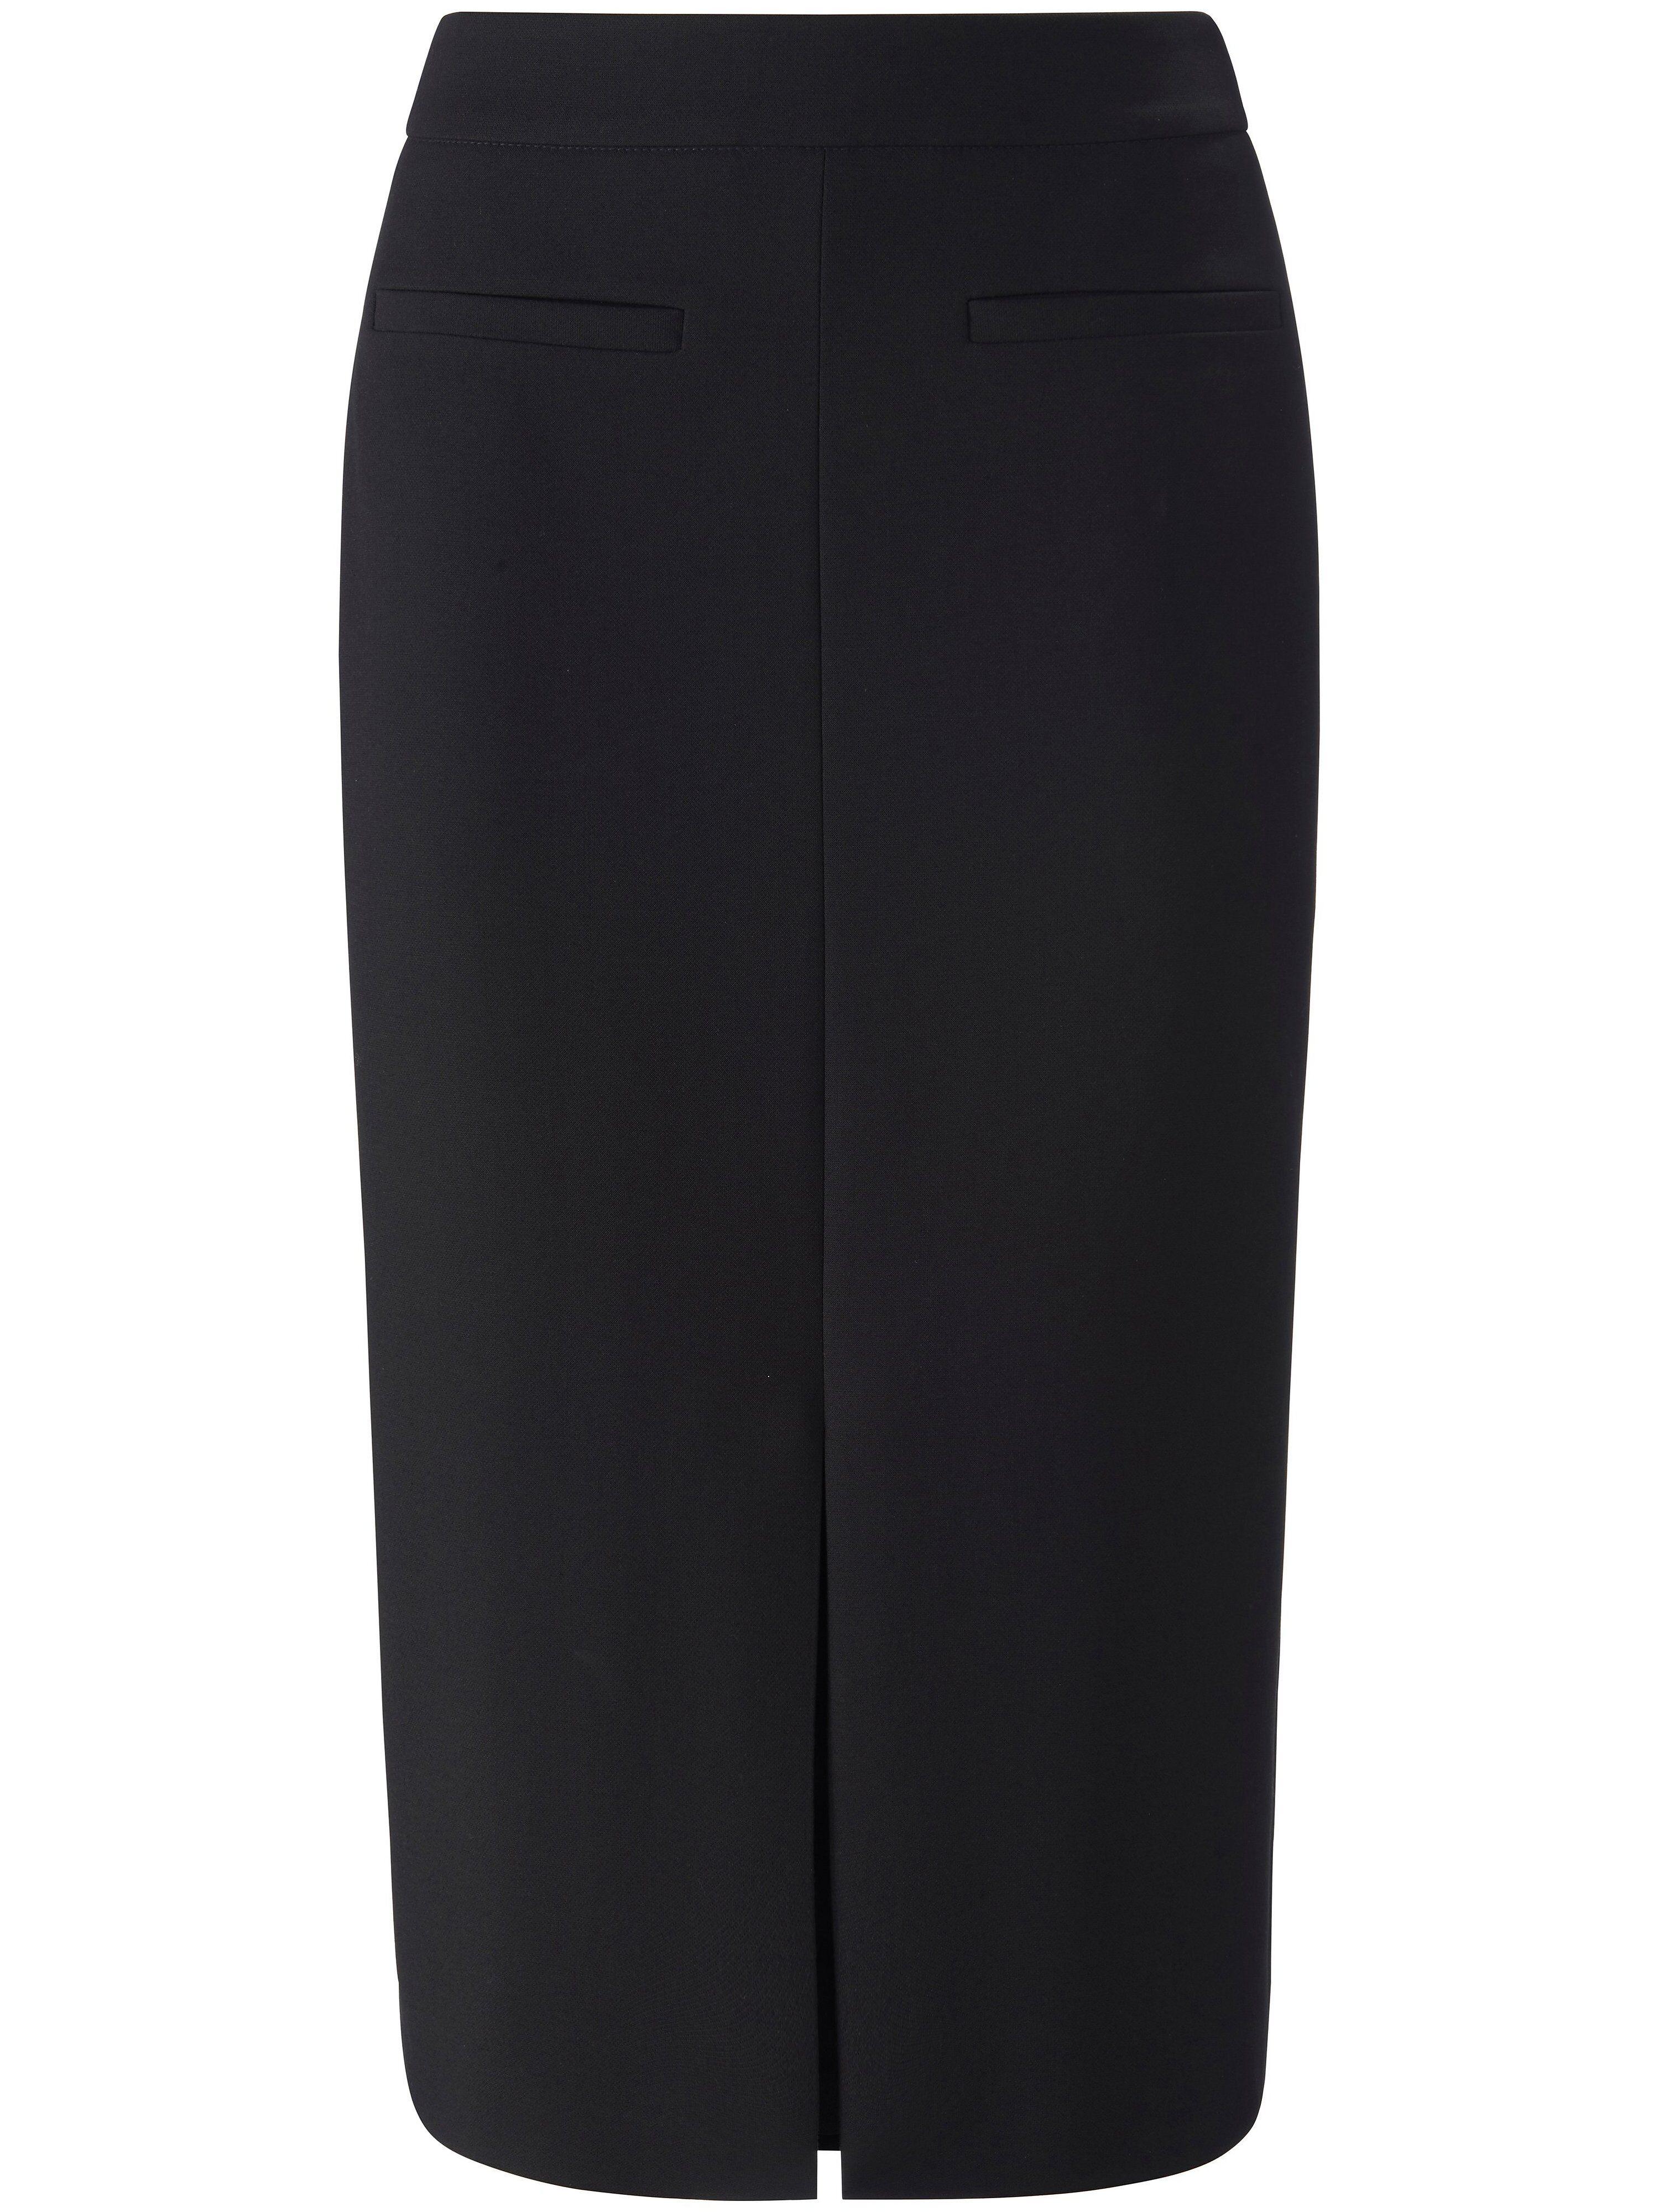 Windsor La jupe ligne droite  Windsor noir  - Femme - 36